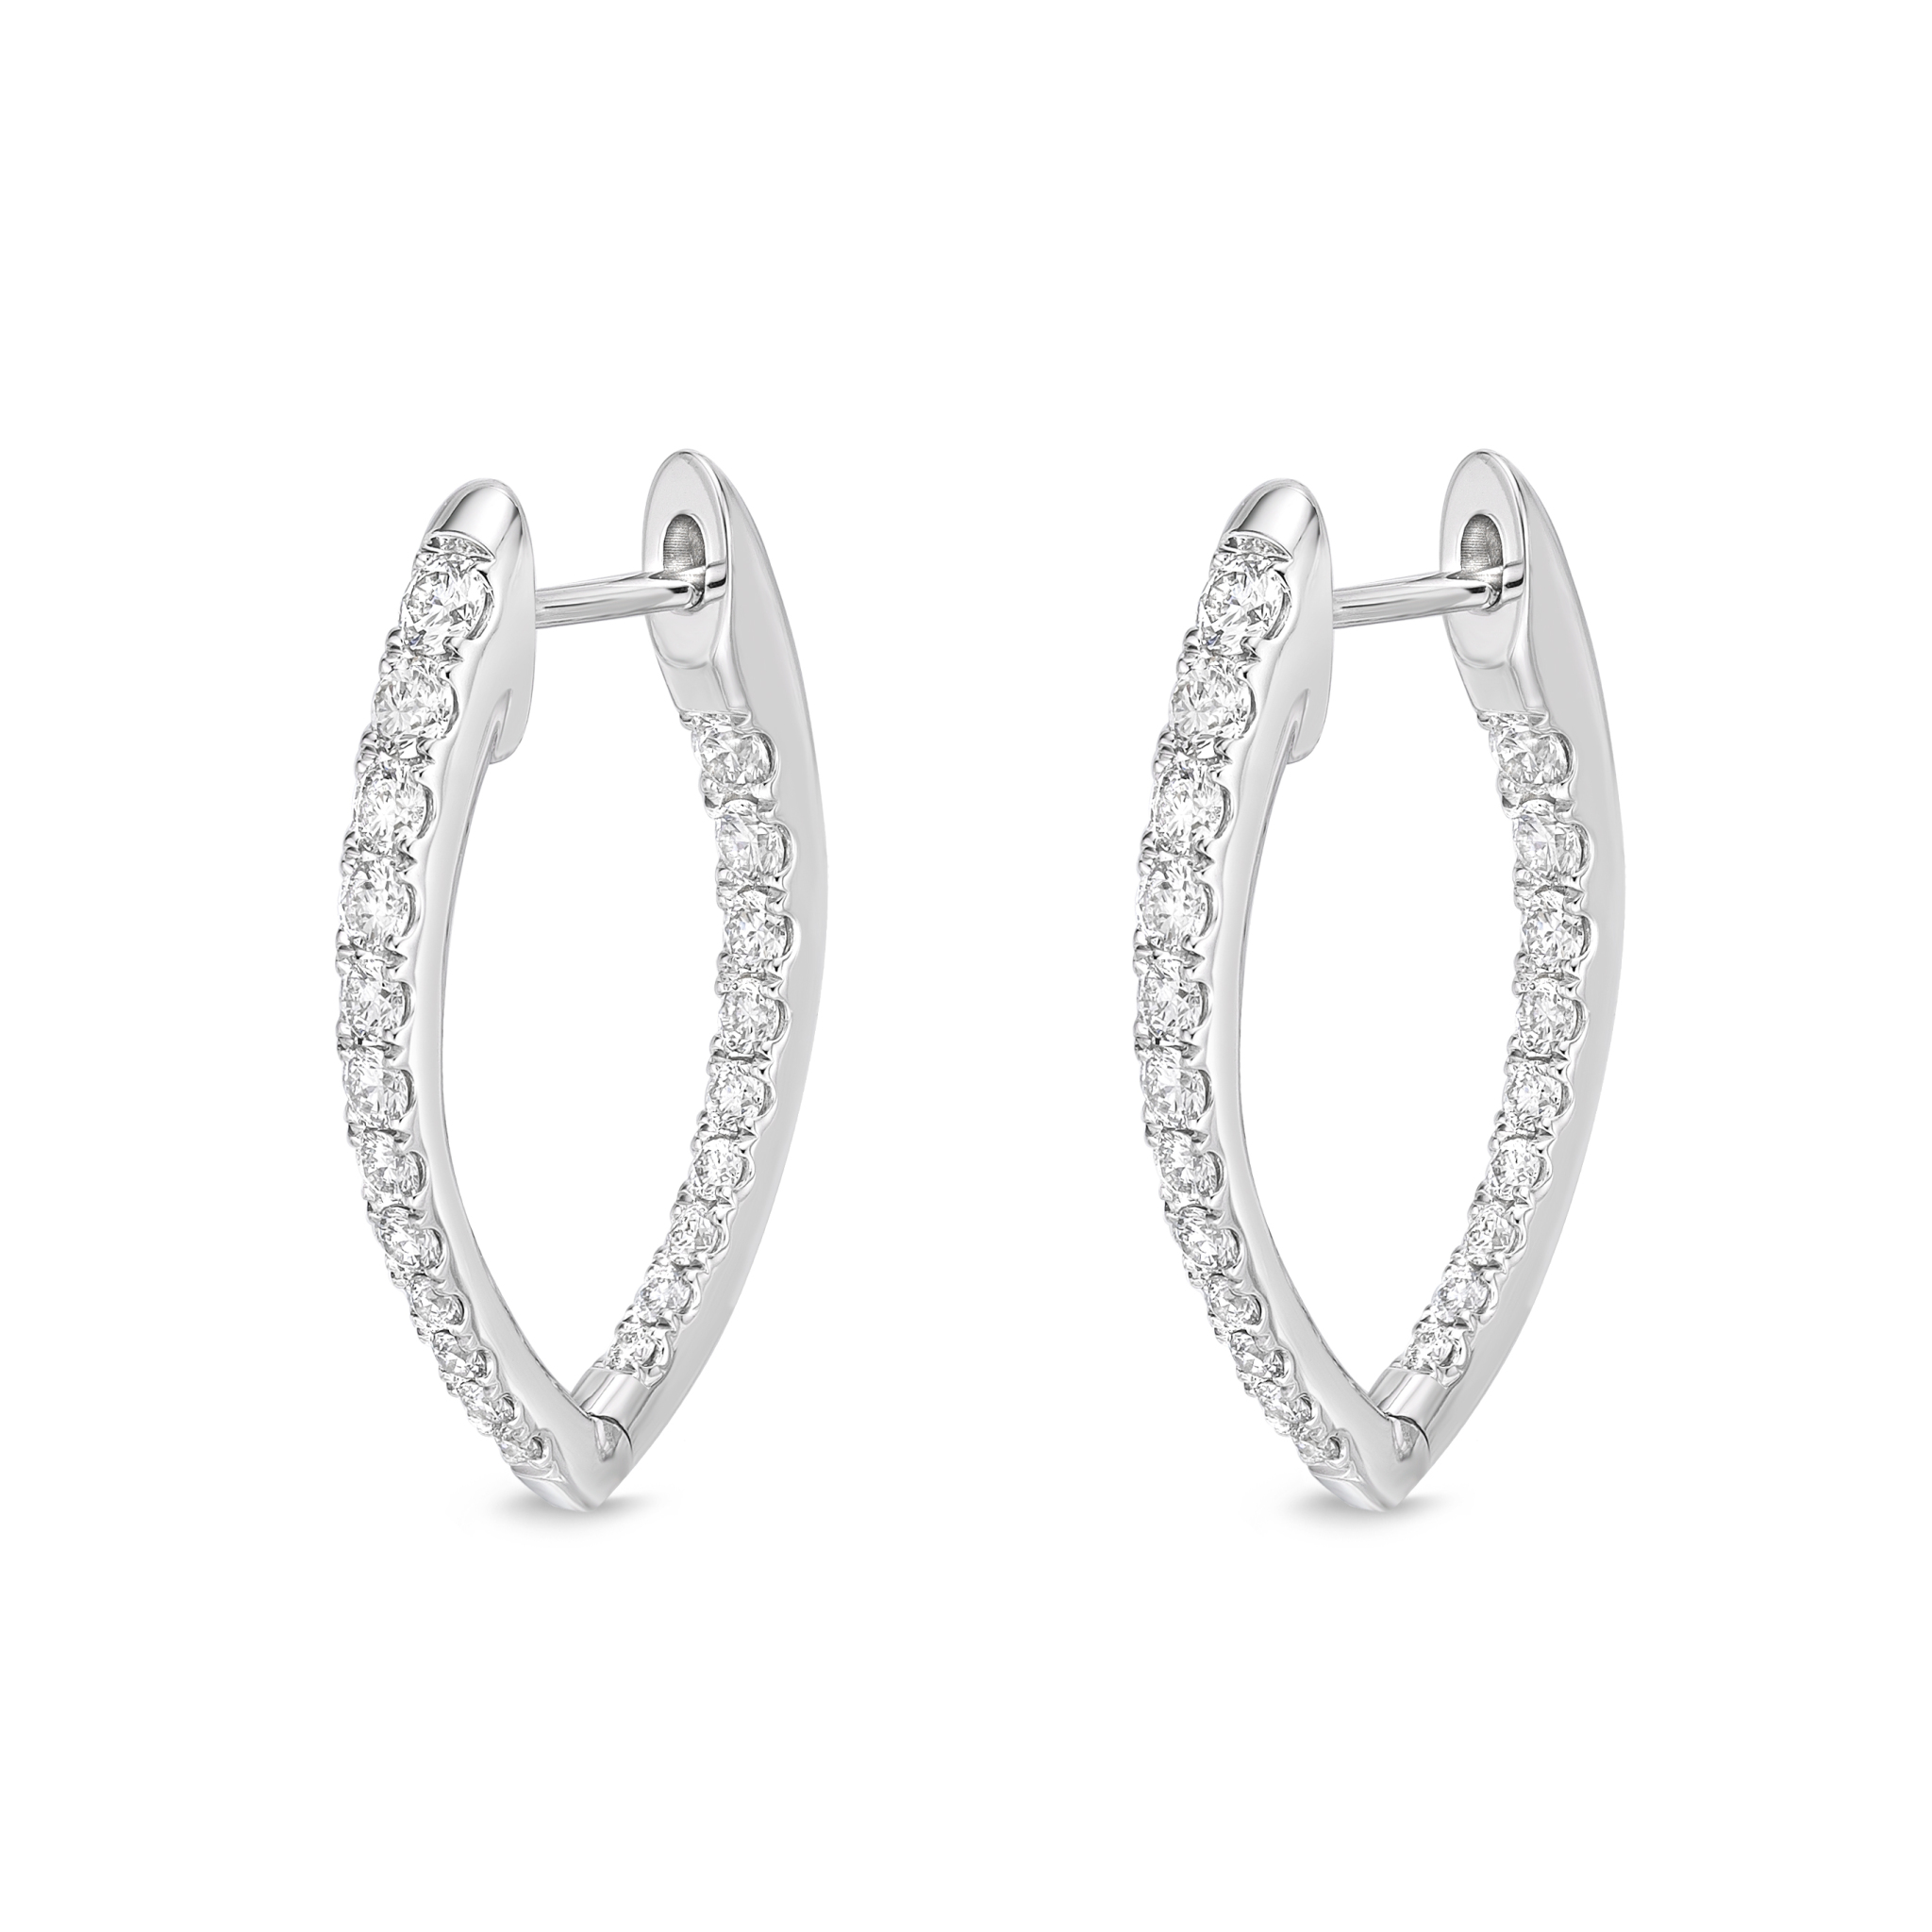 Memoire 18ct White Gold 3/4 Carat Diamond Imperial Hoop Earrings 22X14mm